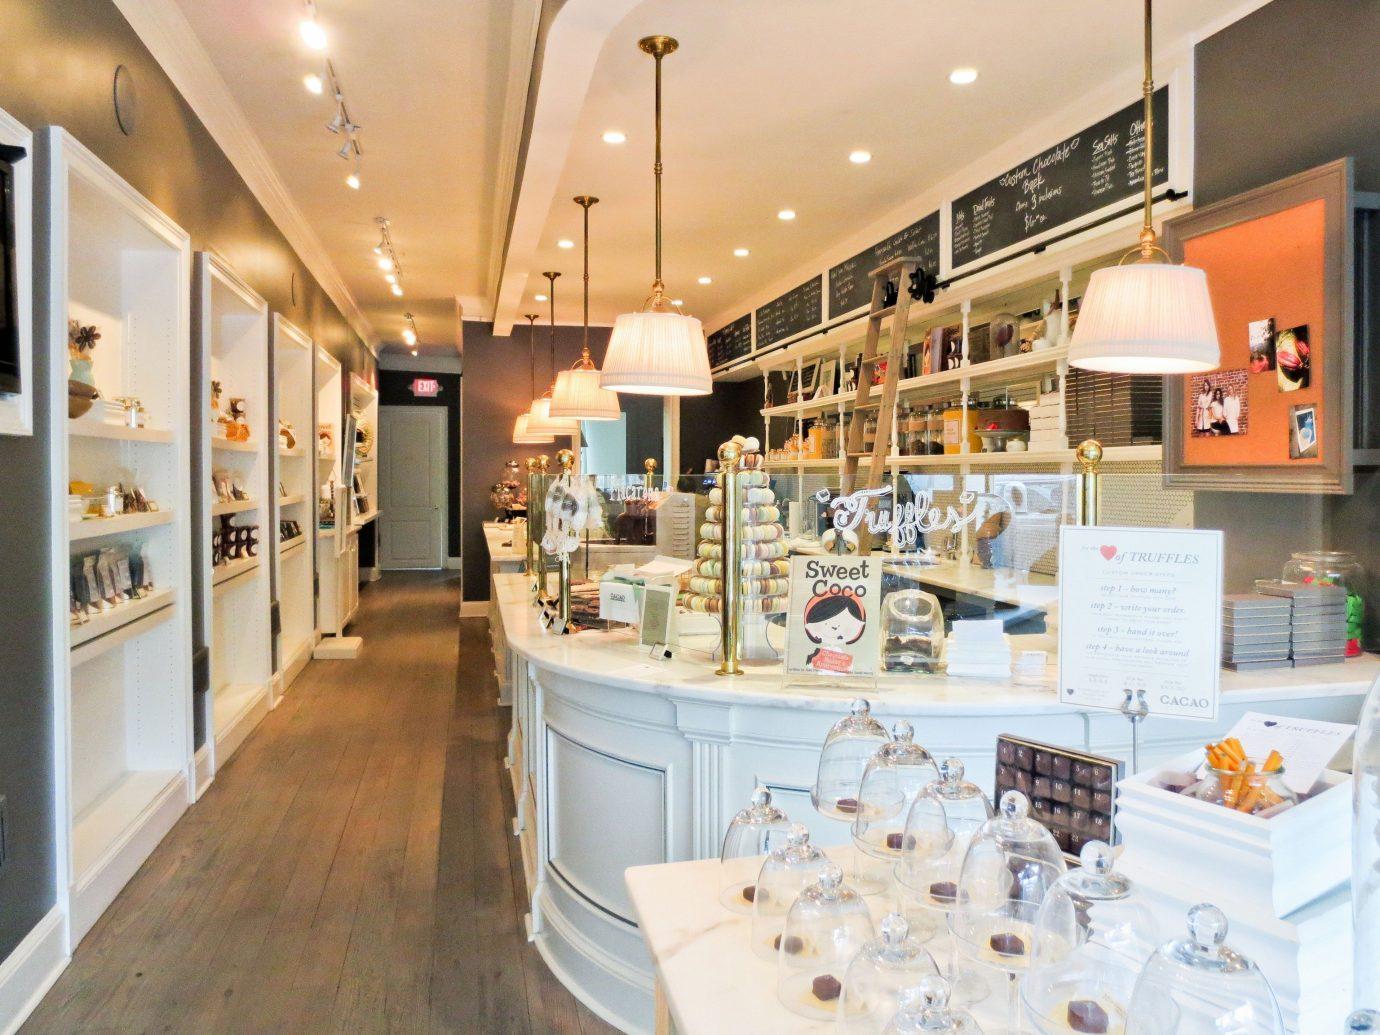 Food + Drink indoor floor retail room Boutique interior design bakery Design shoe store counter